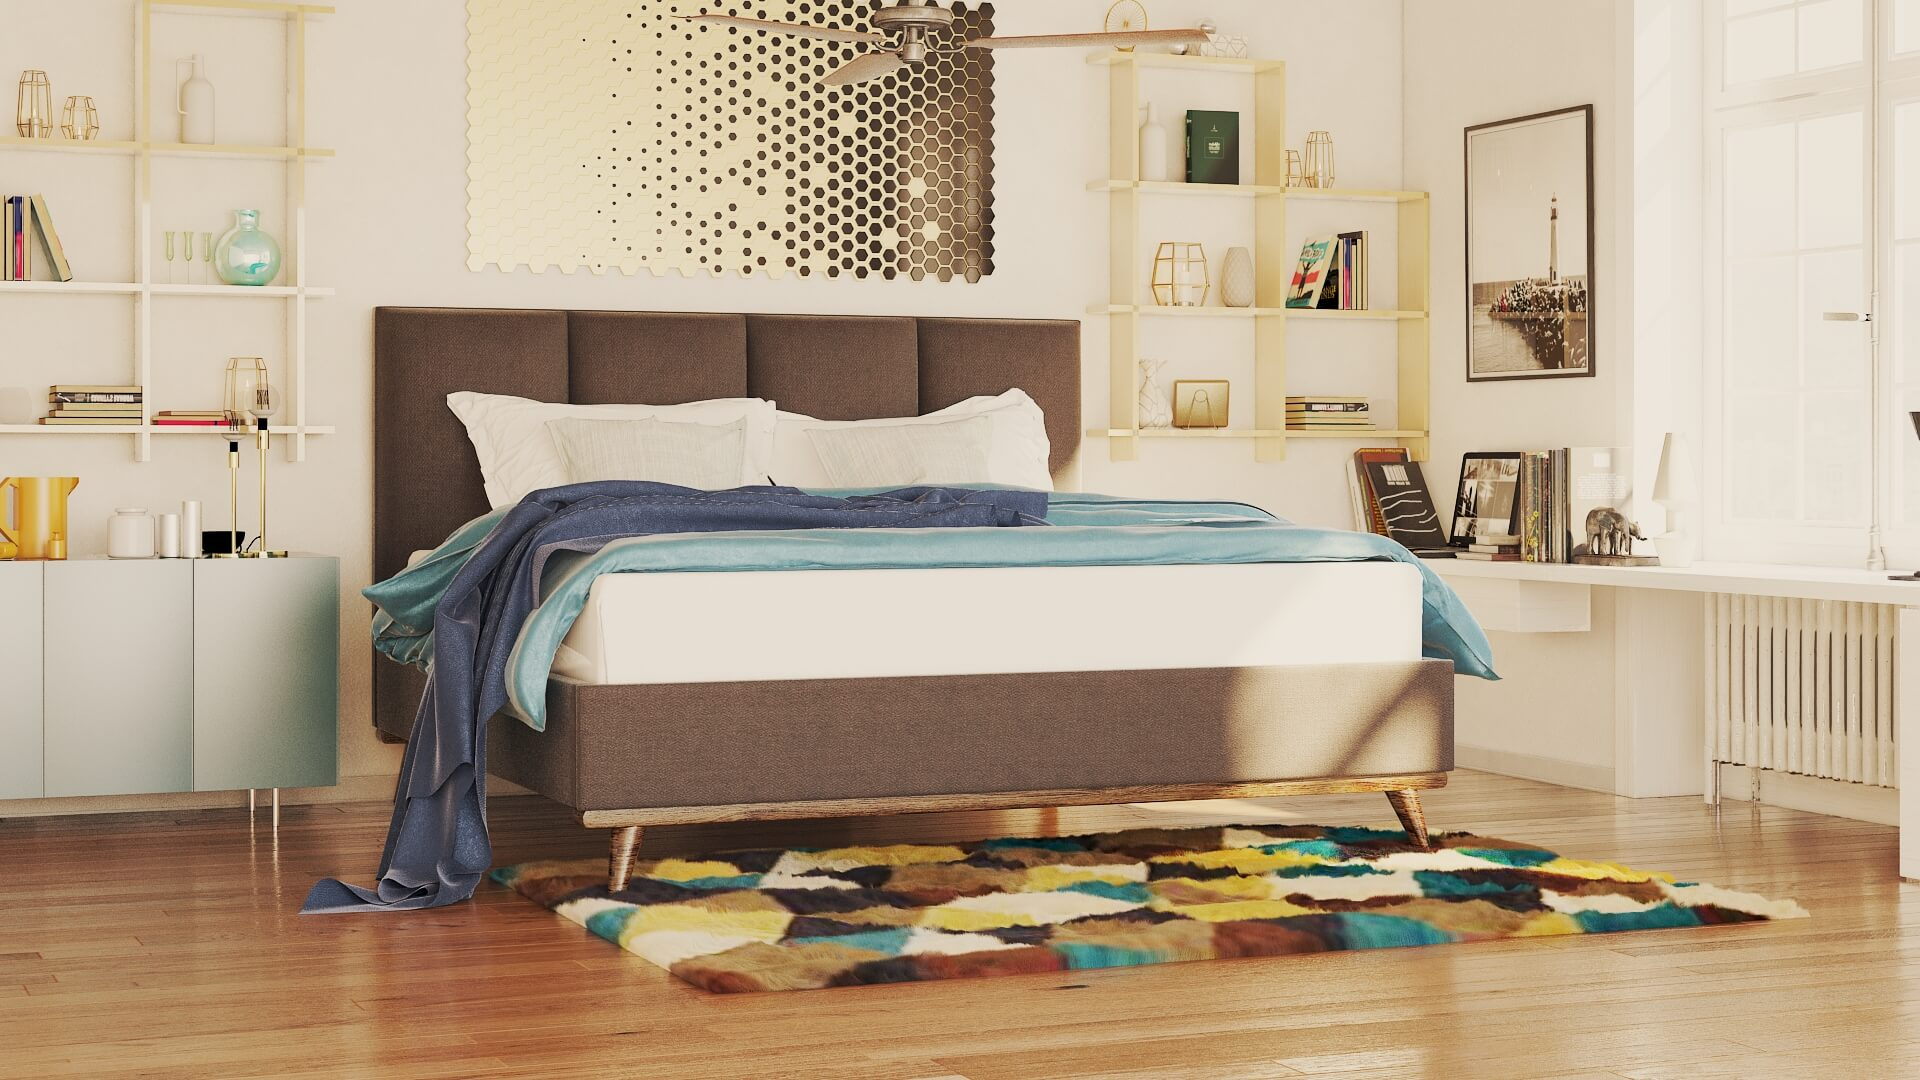 celine bed furniture gallery 3